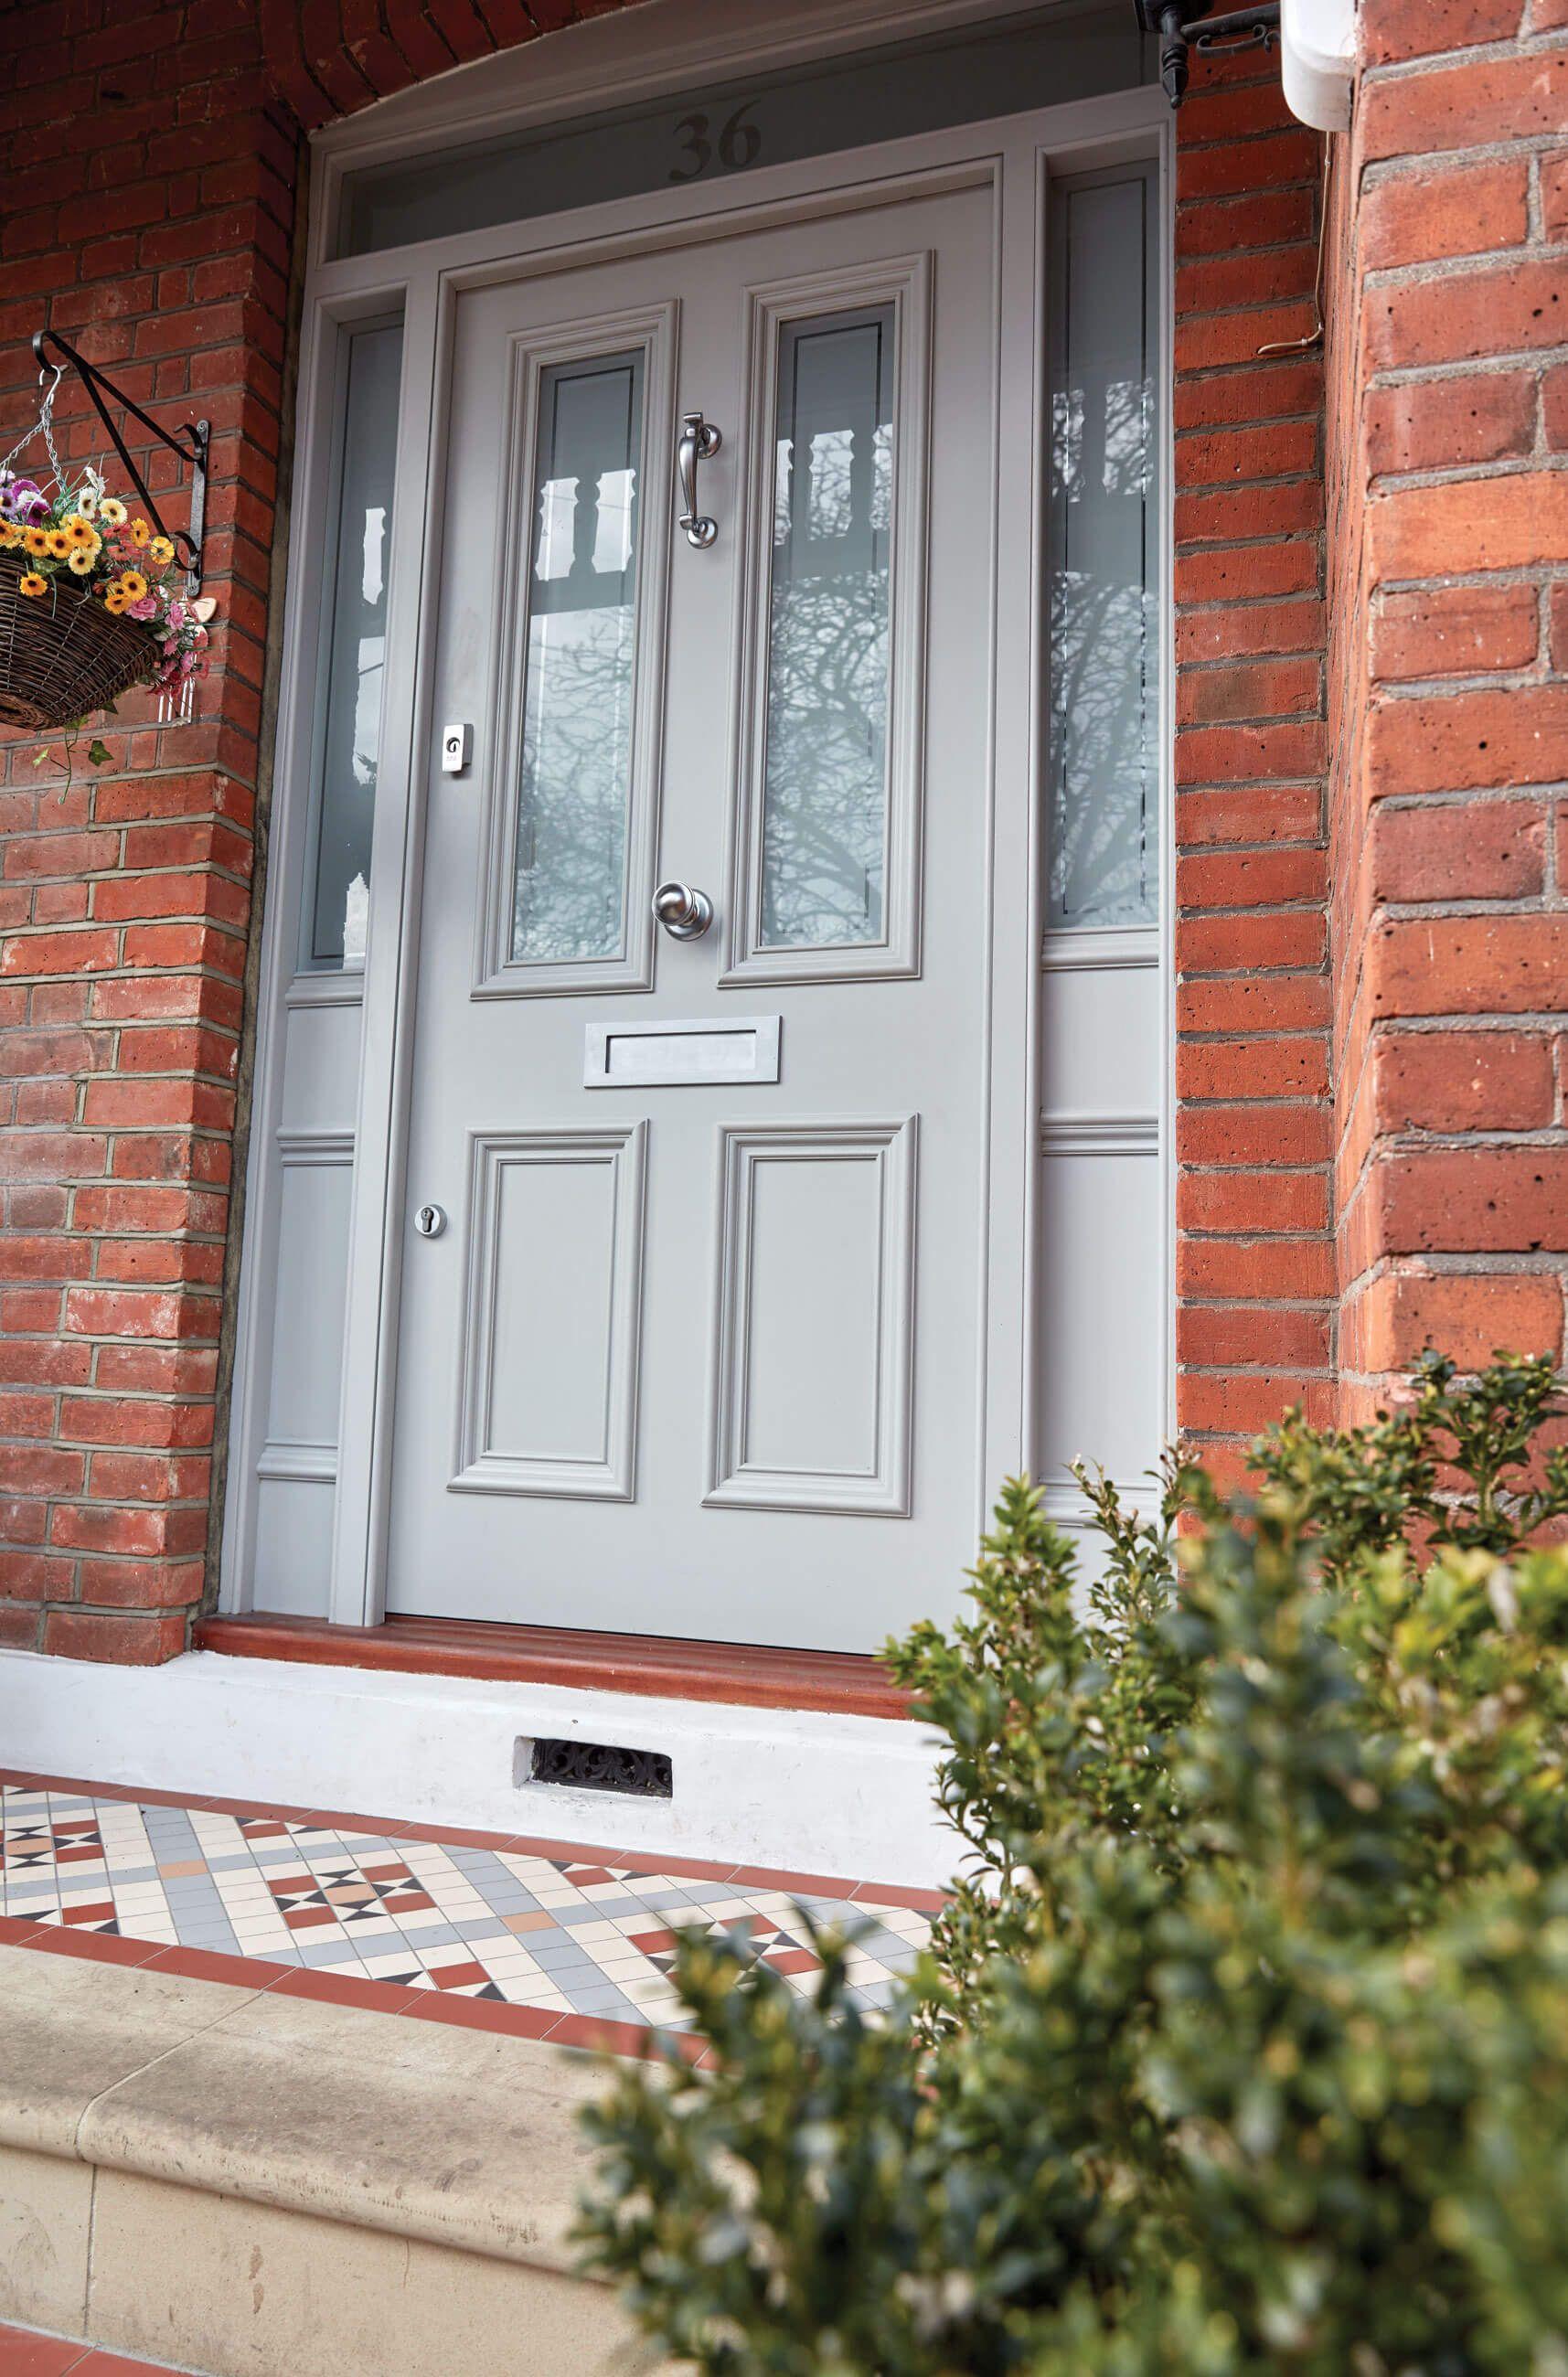 Victorian Style Front Door - London Door Company #victorianfrontdoors